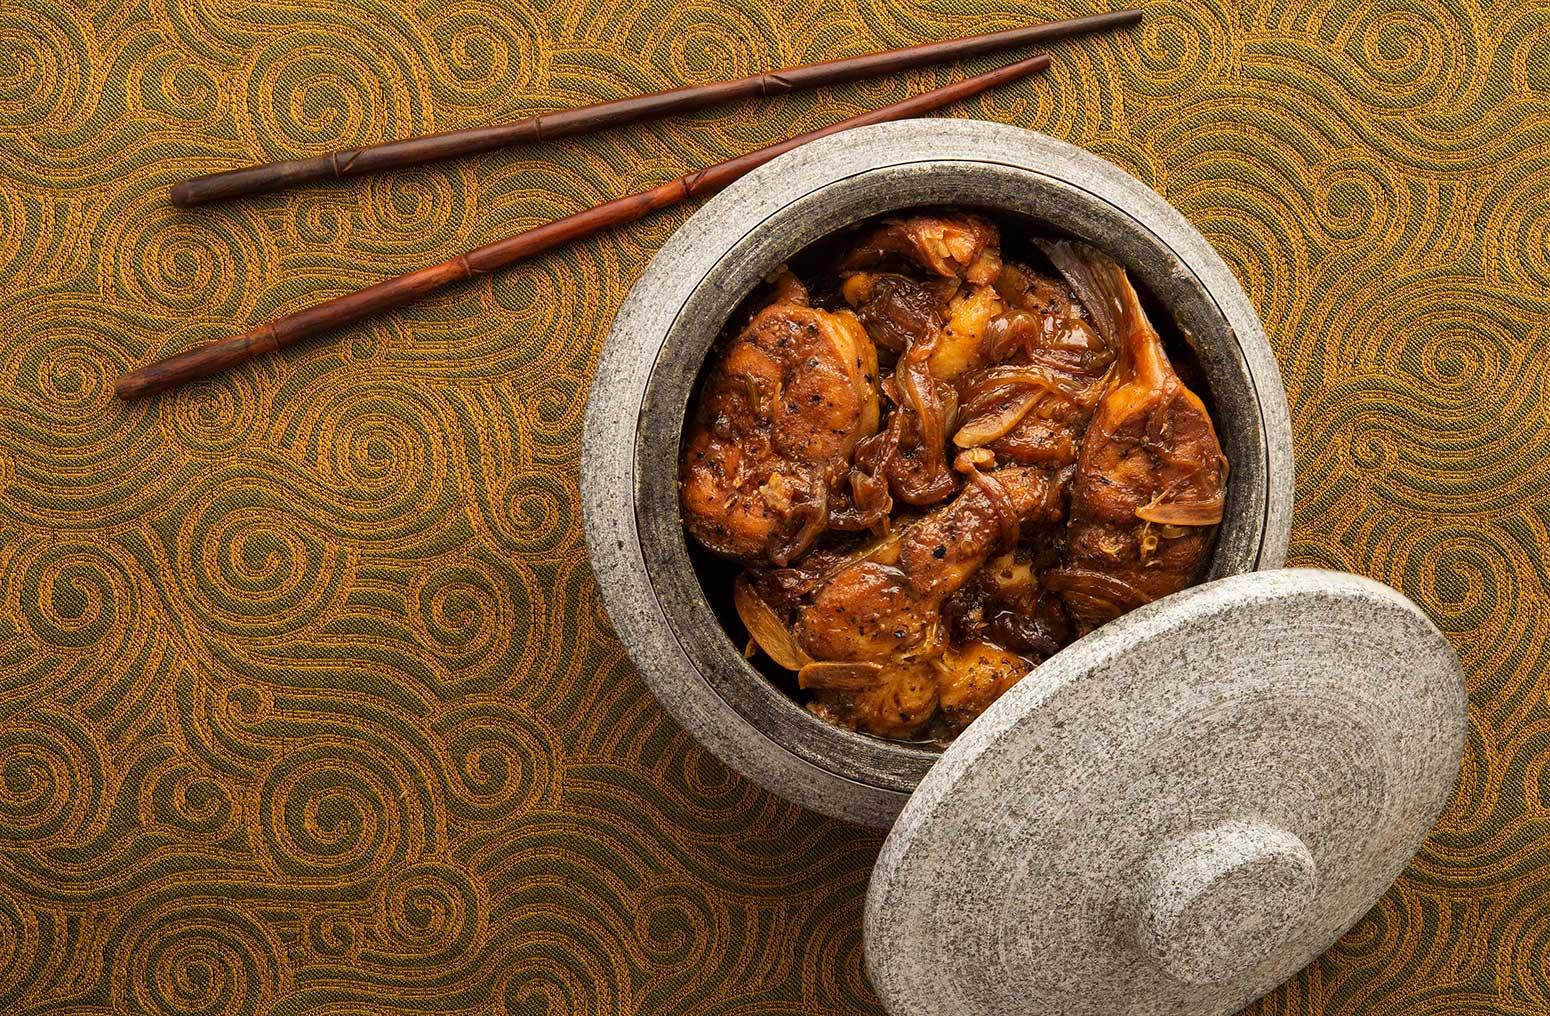 Vietnamese catfish recipe